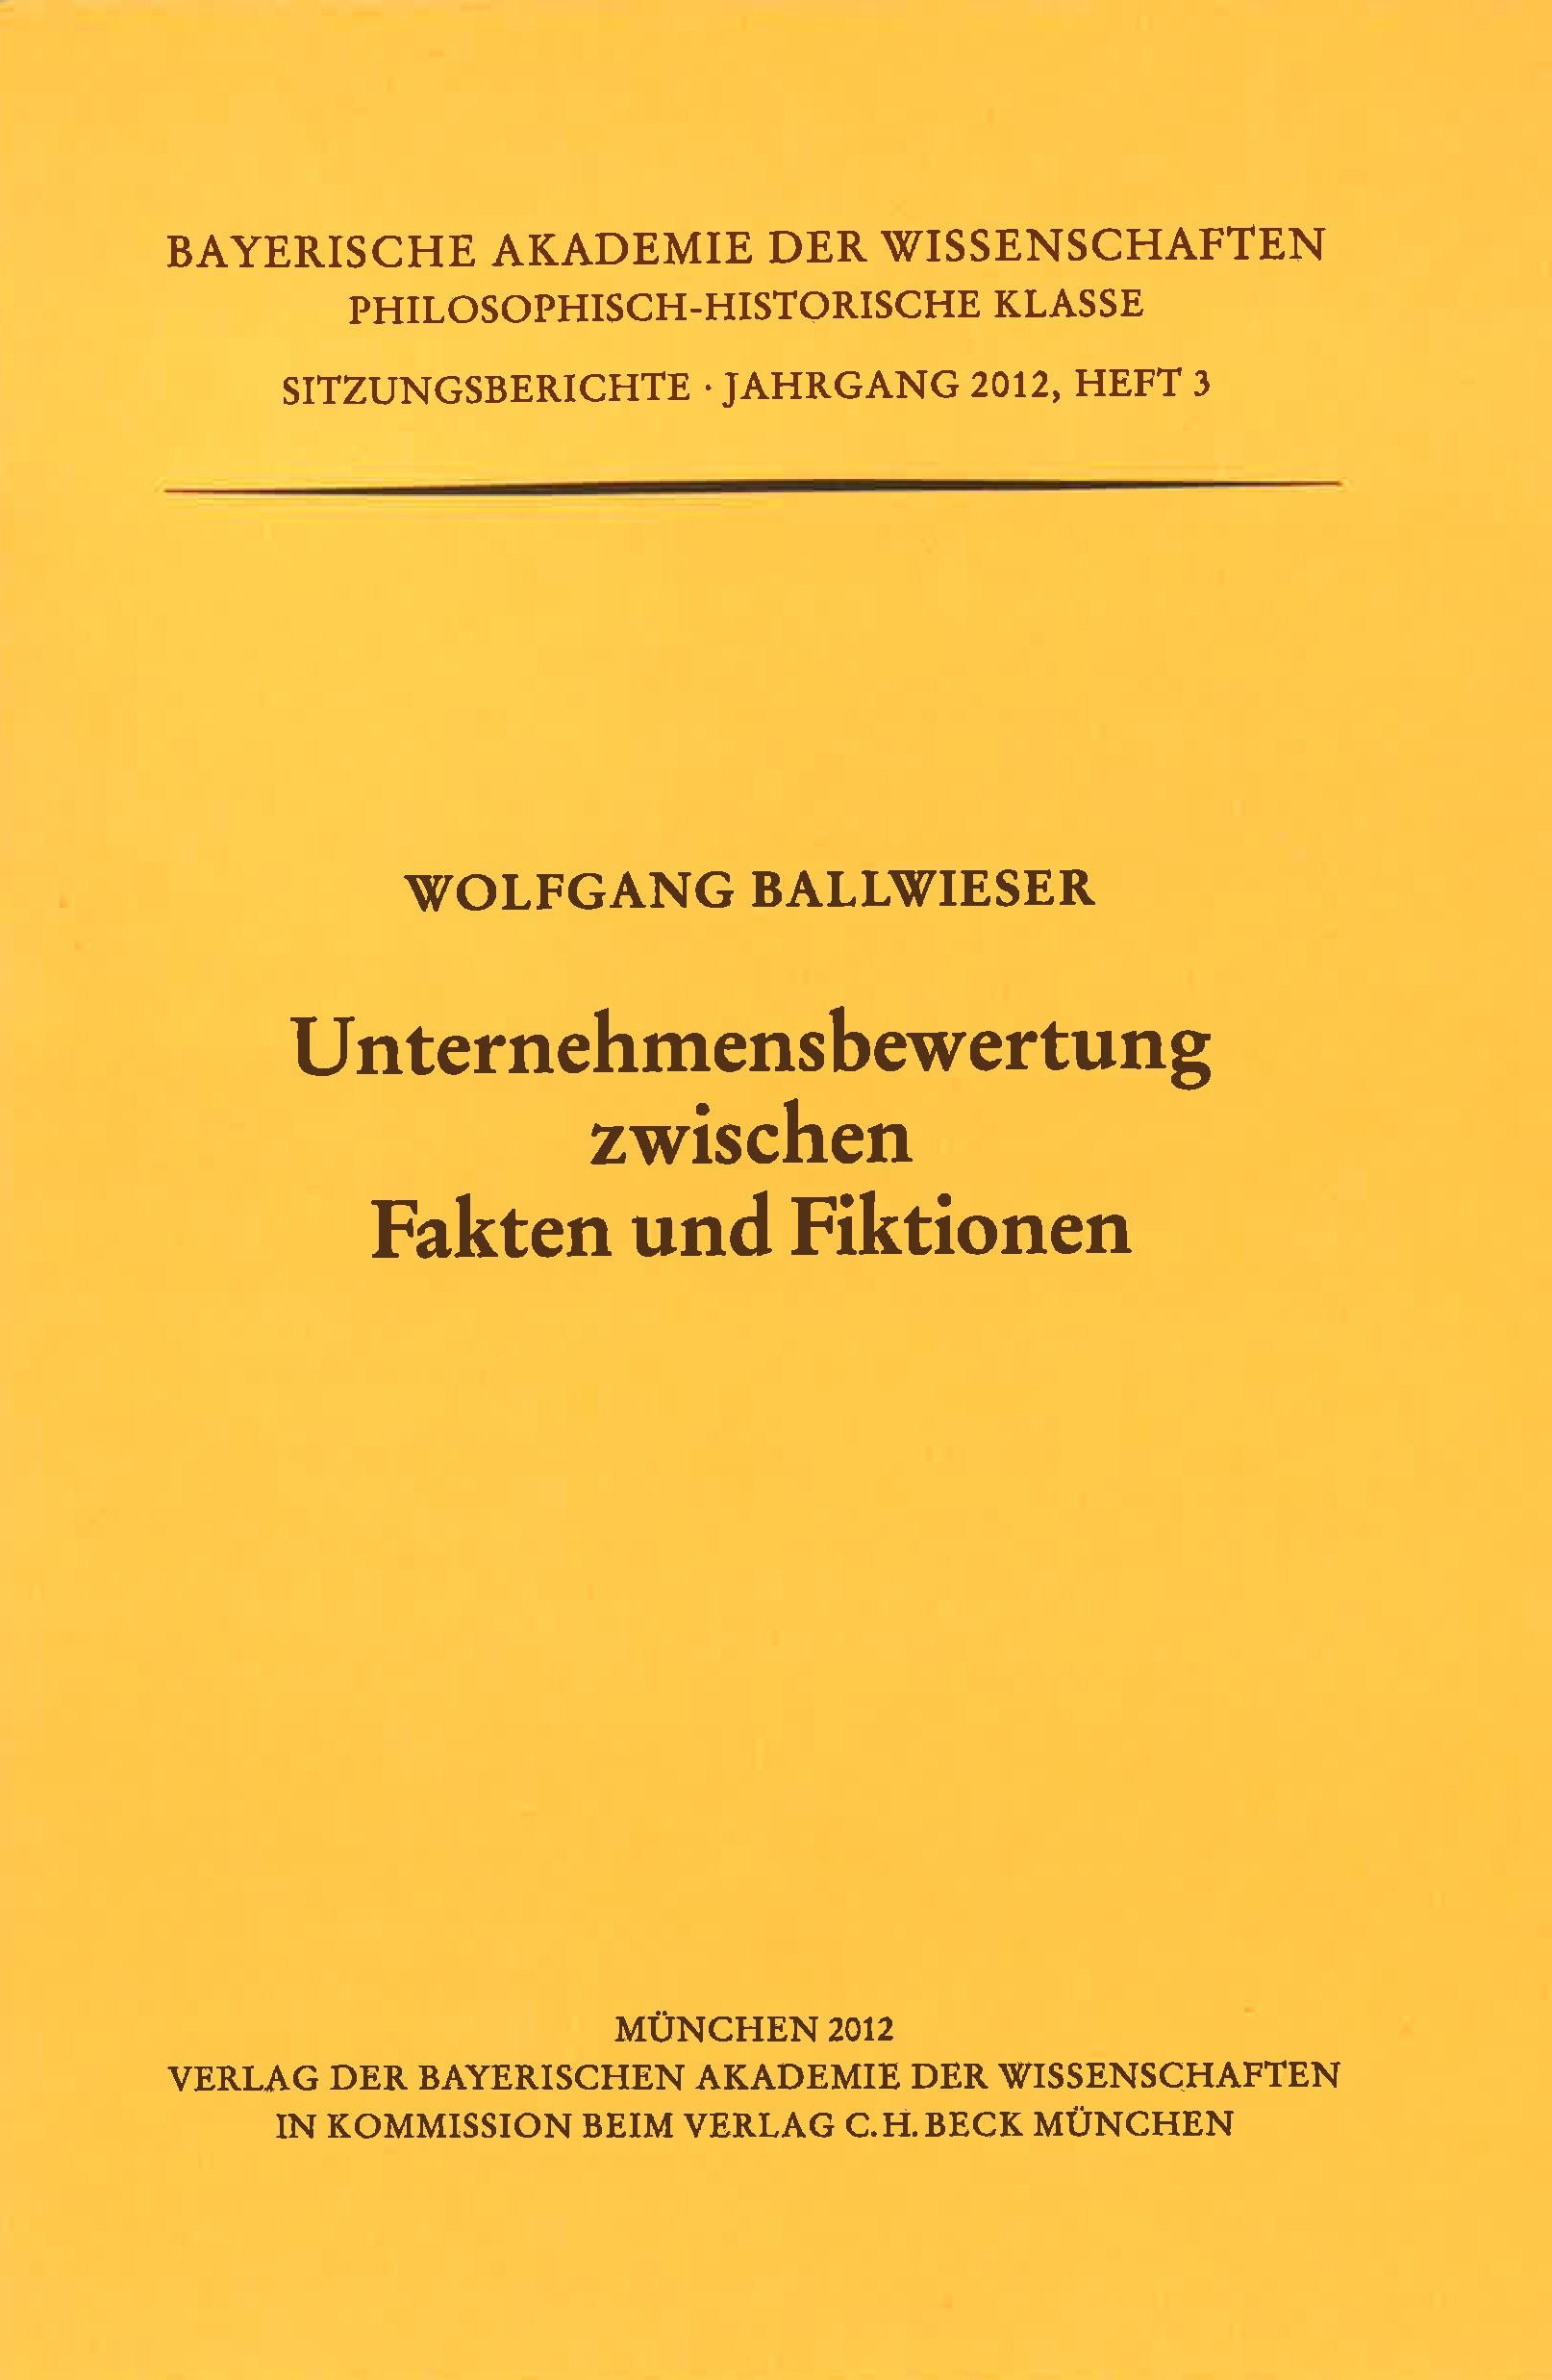 Cover des Buches 'Unternehmensbewertung zwischen Fakten und Fiktionen'